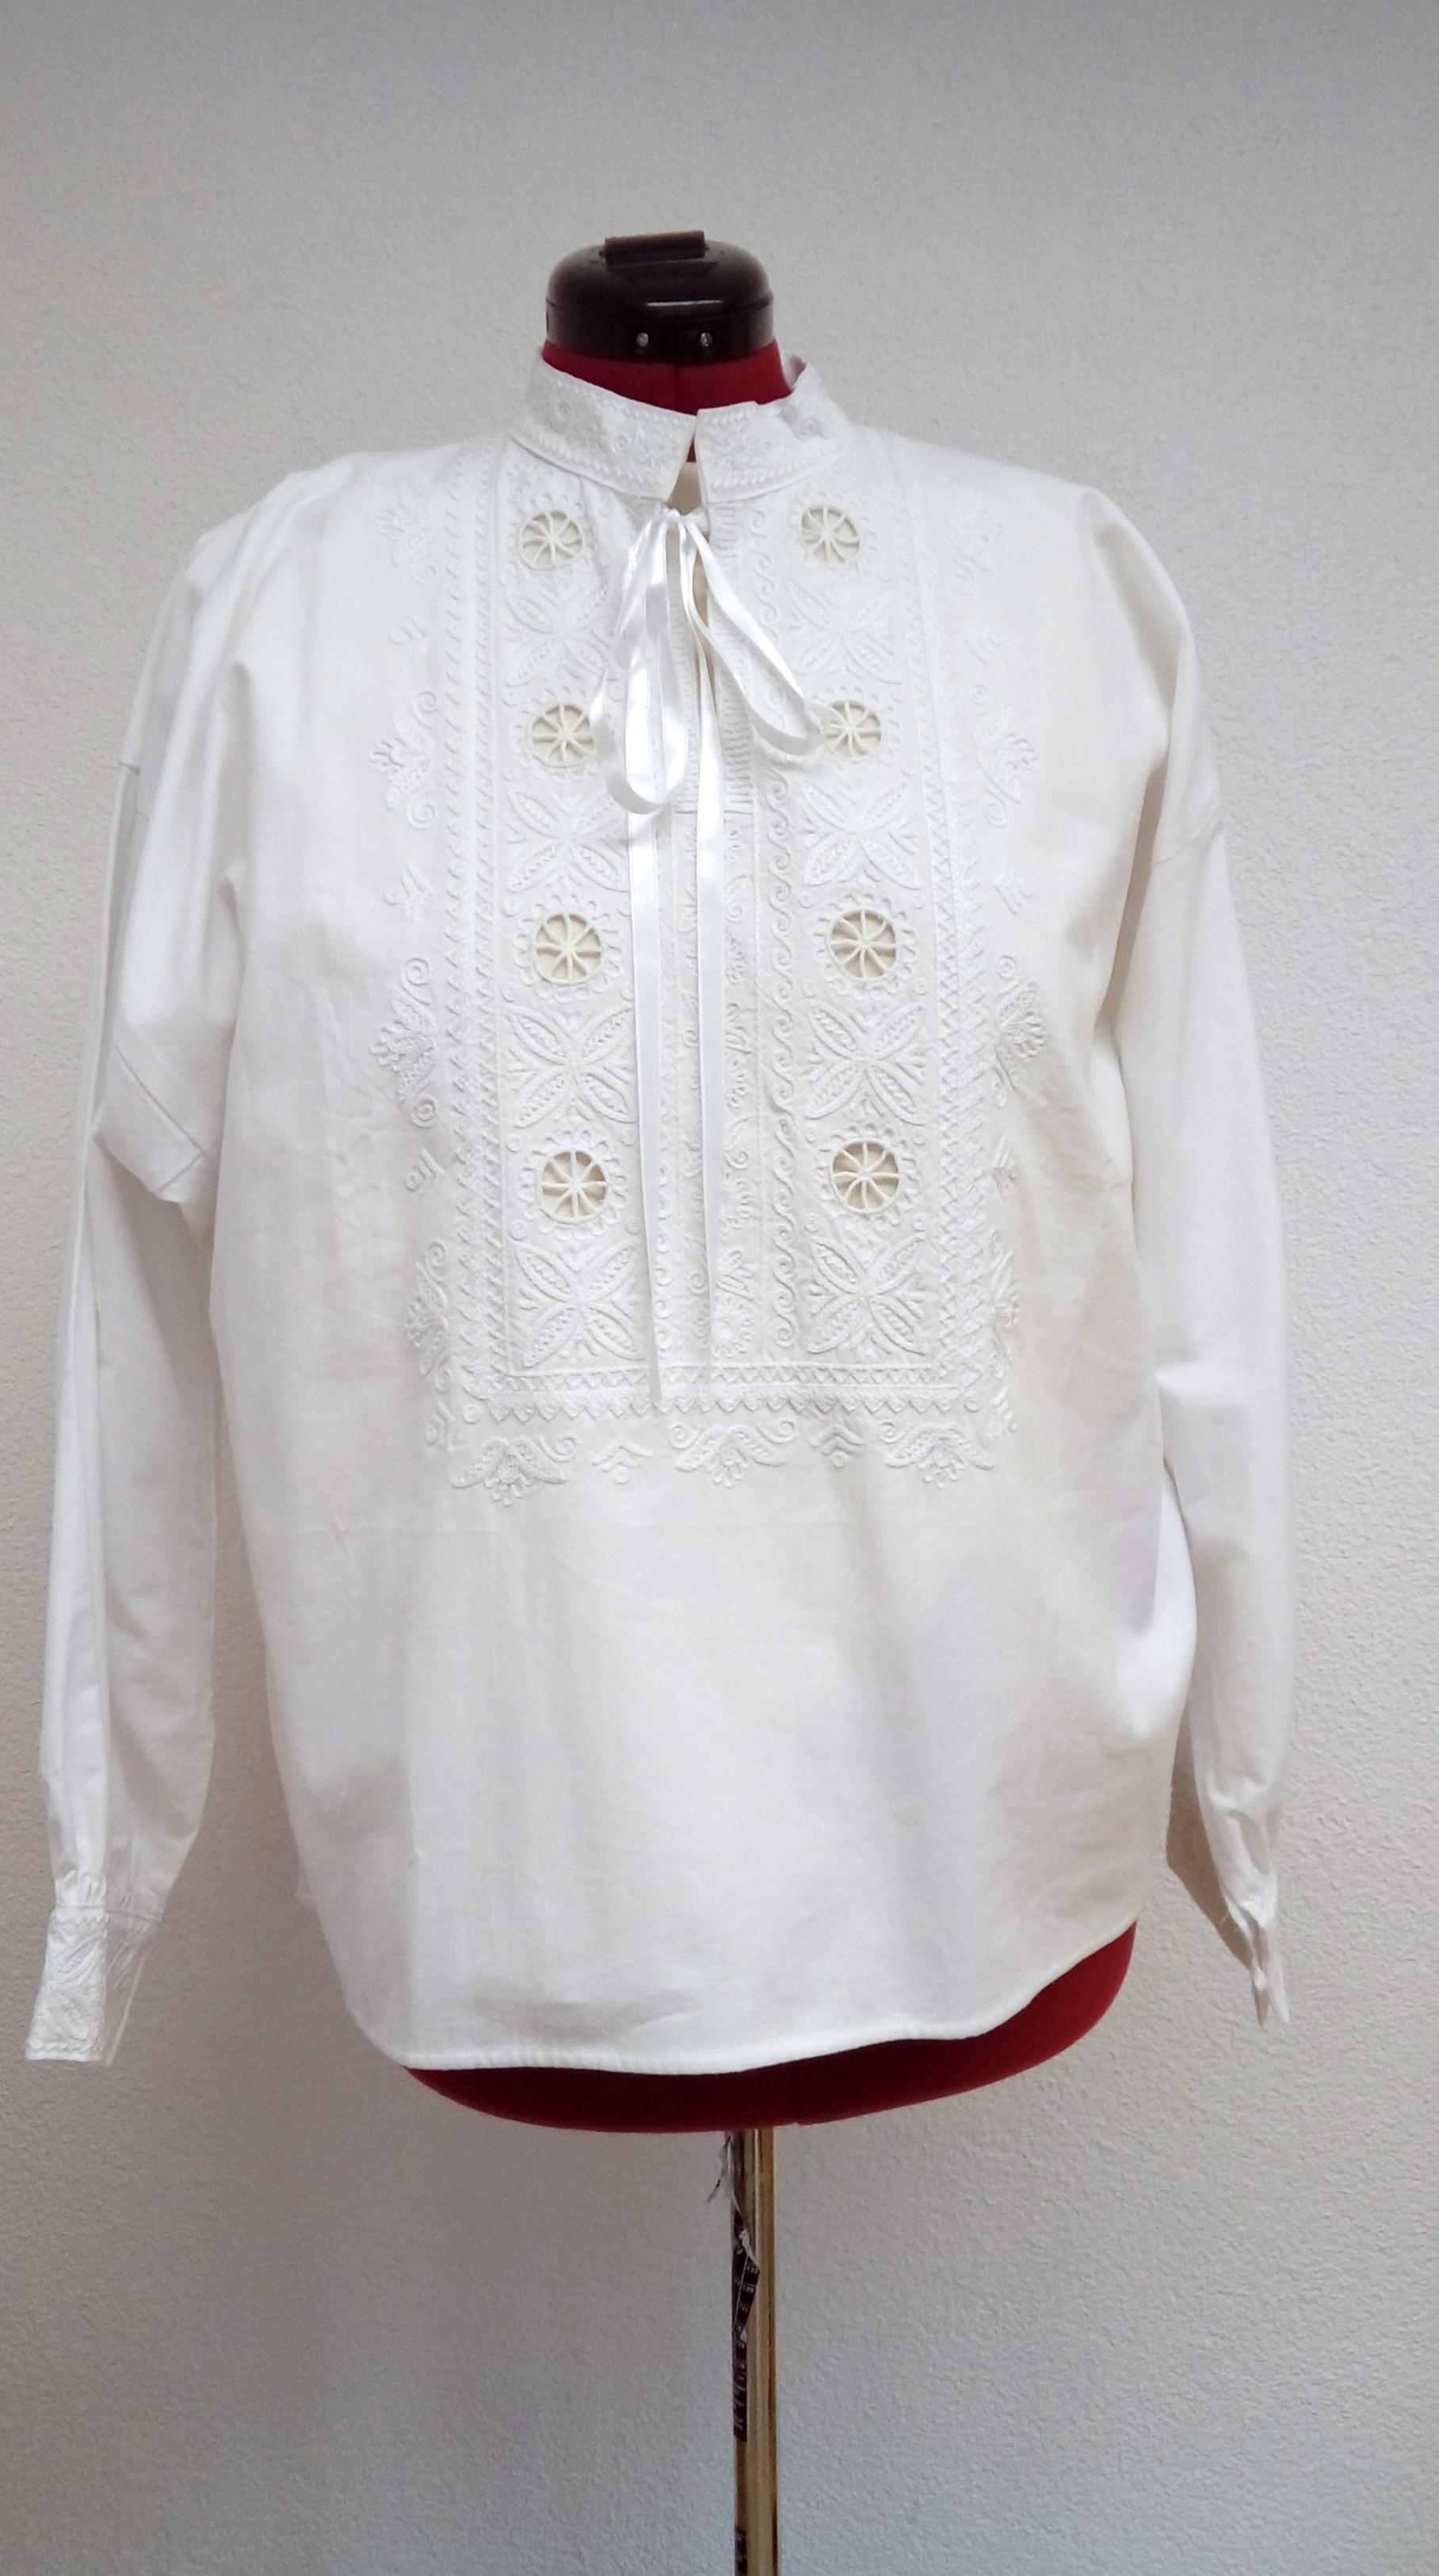 6ec04aa32 Detvianska ručne vyšívaná košeľa dlhá – biely vzor – Detvianske ...